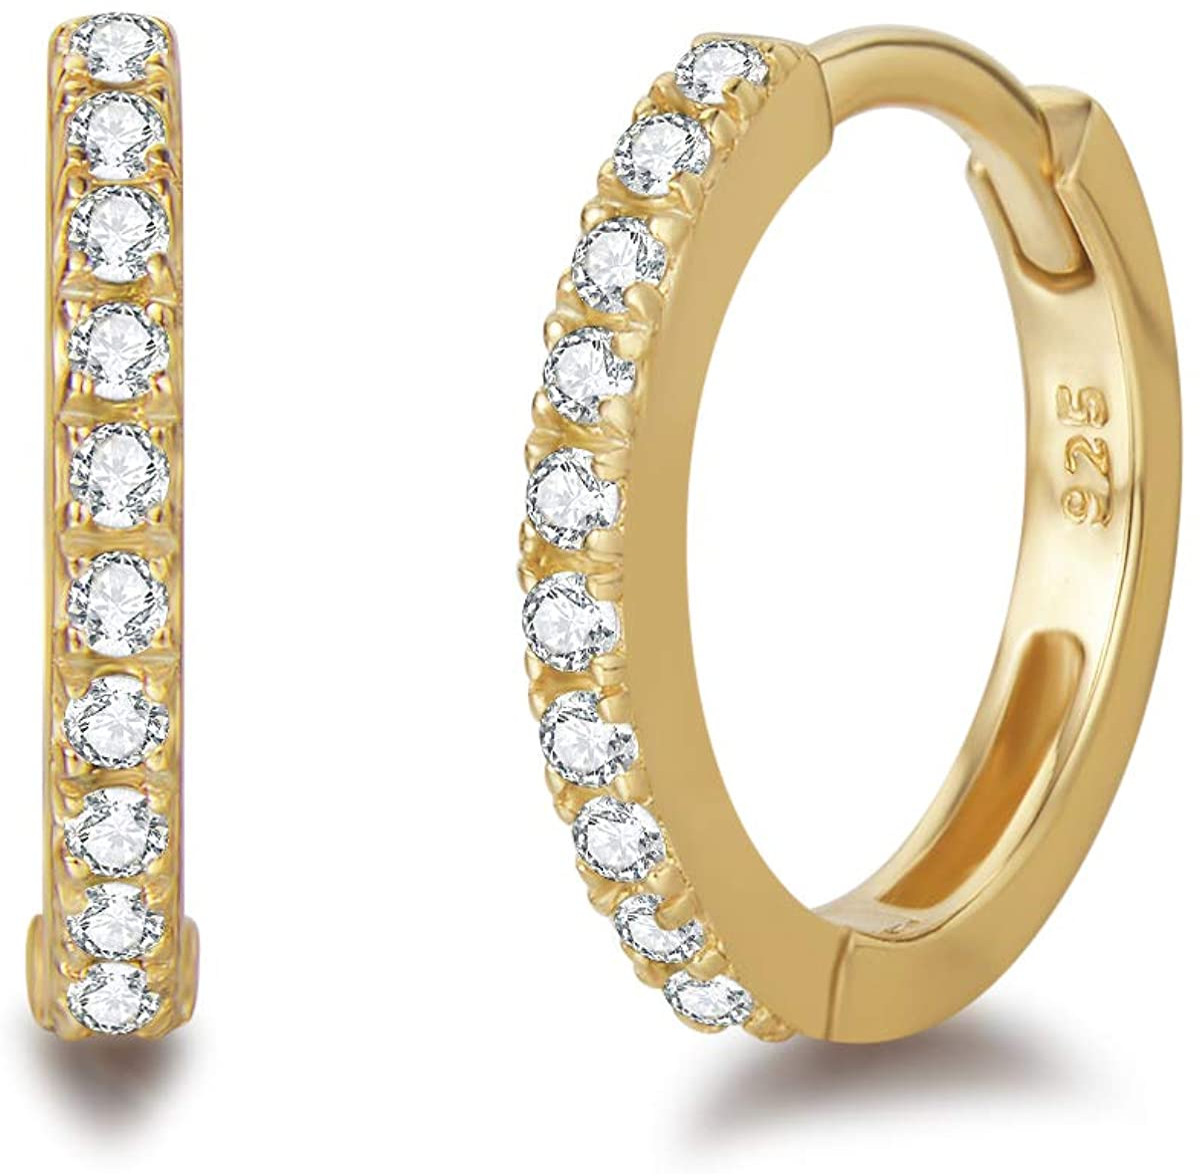 Pendientes De Aro para Mujer Plata de ley 925 Chapada en Oro con Circonia Cúbica círculo Aretes Pendientes Hoops - Diámetro: 11 mm